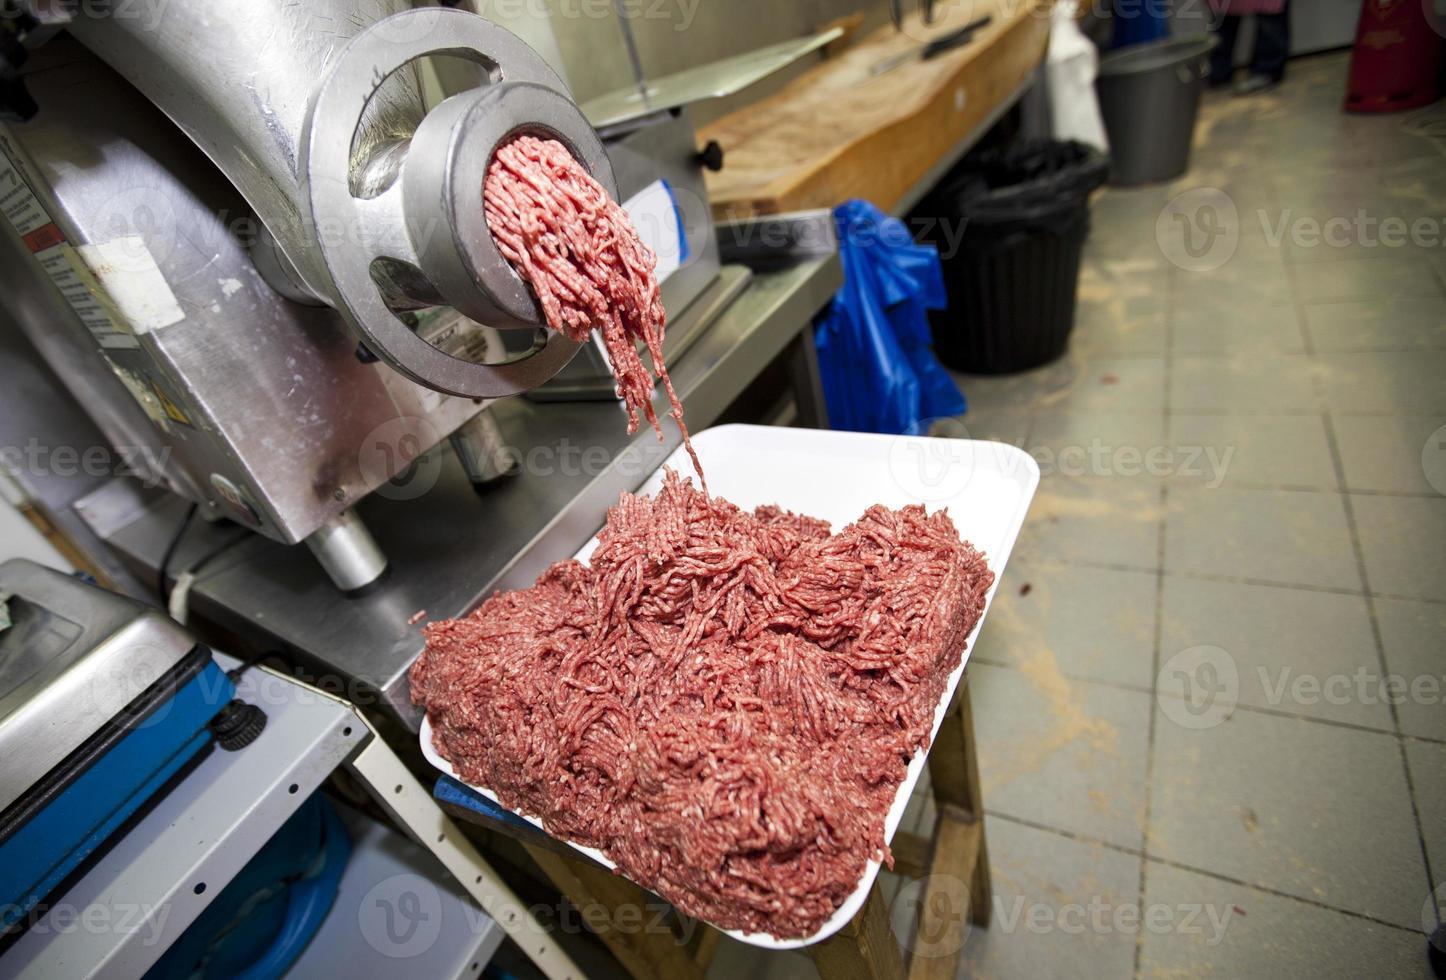 viande hachée tombant de la machine dans un récipient au magasin photo